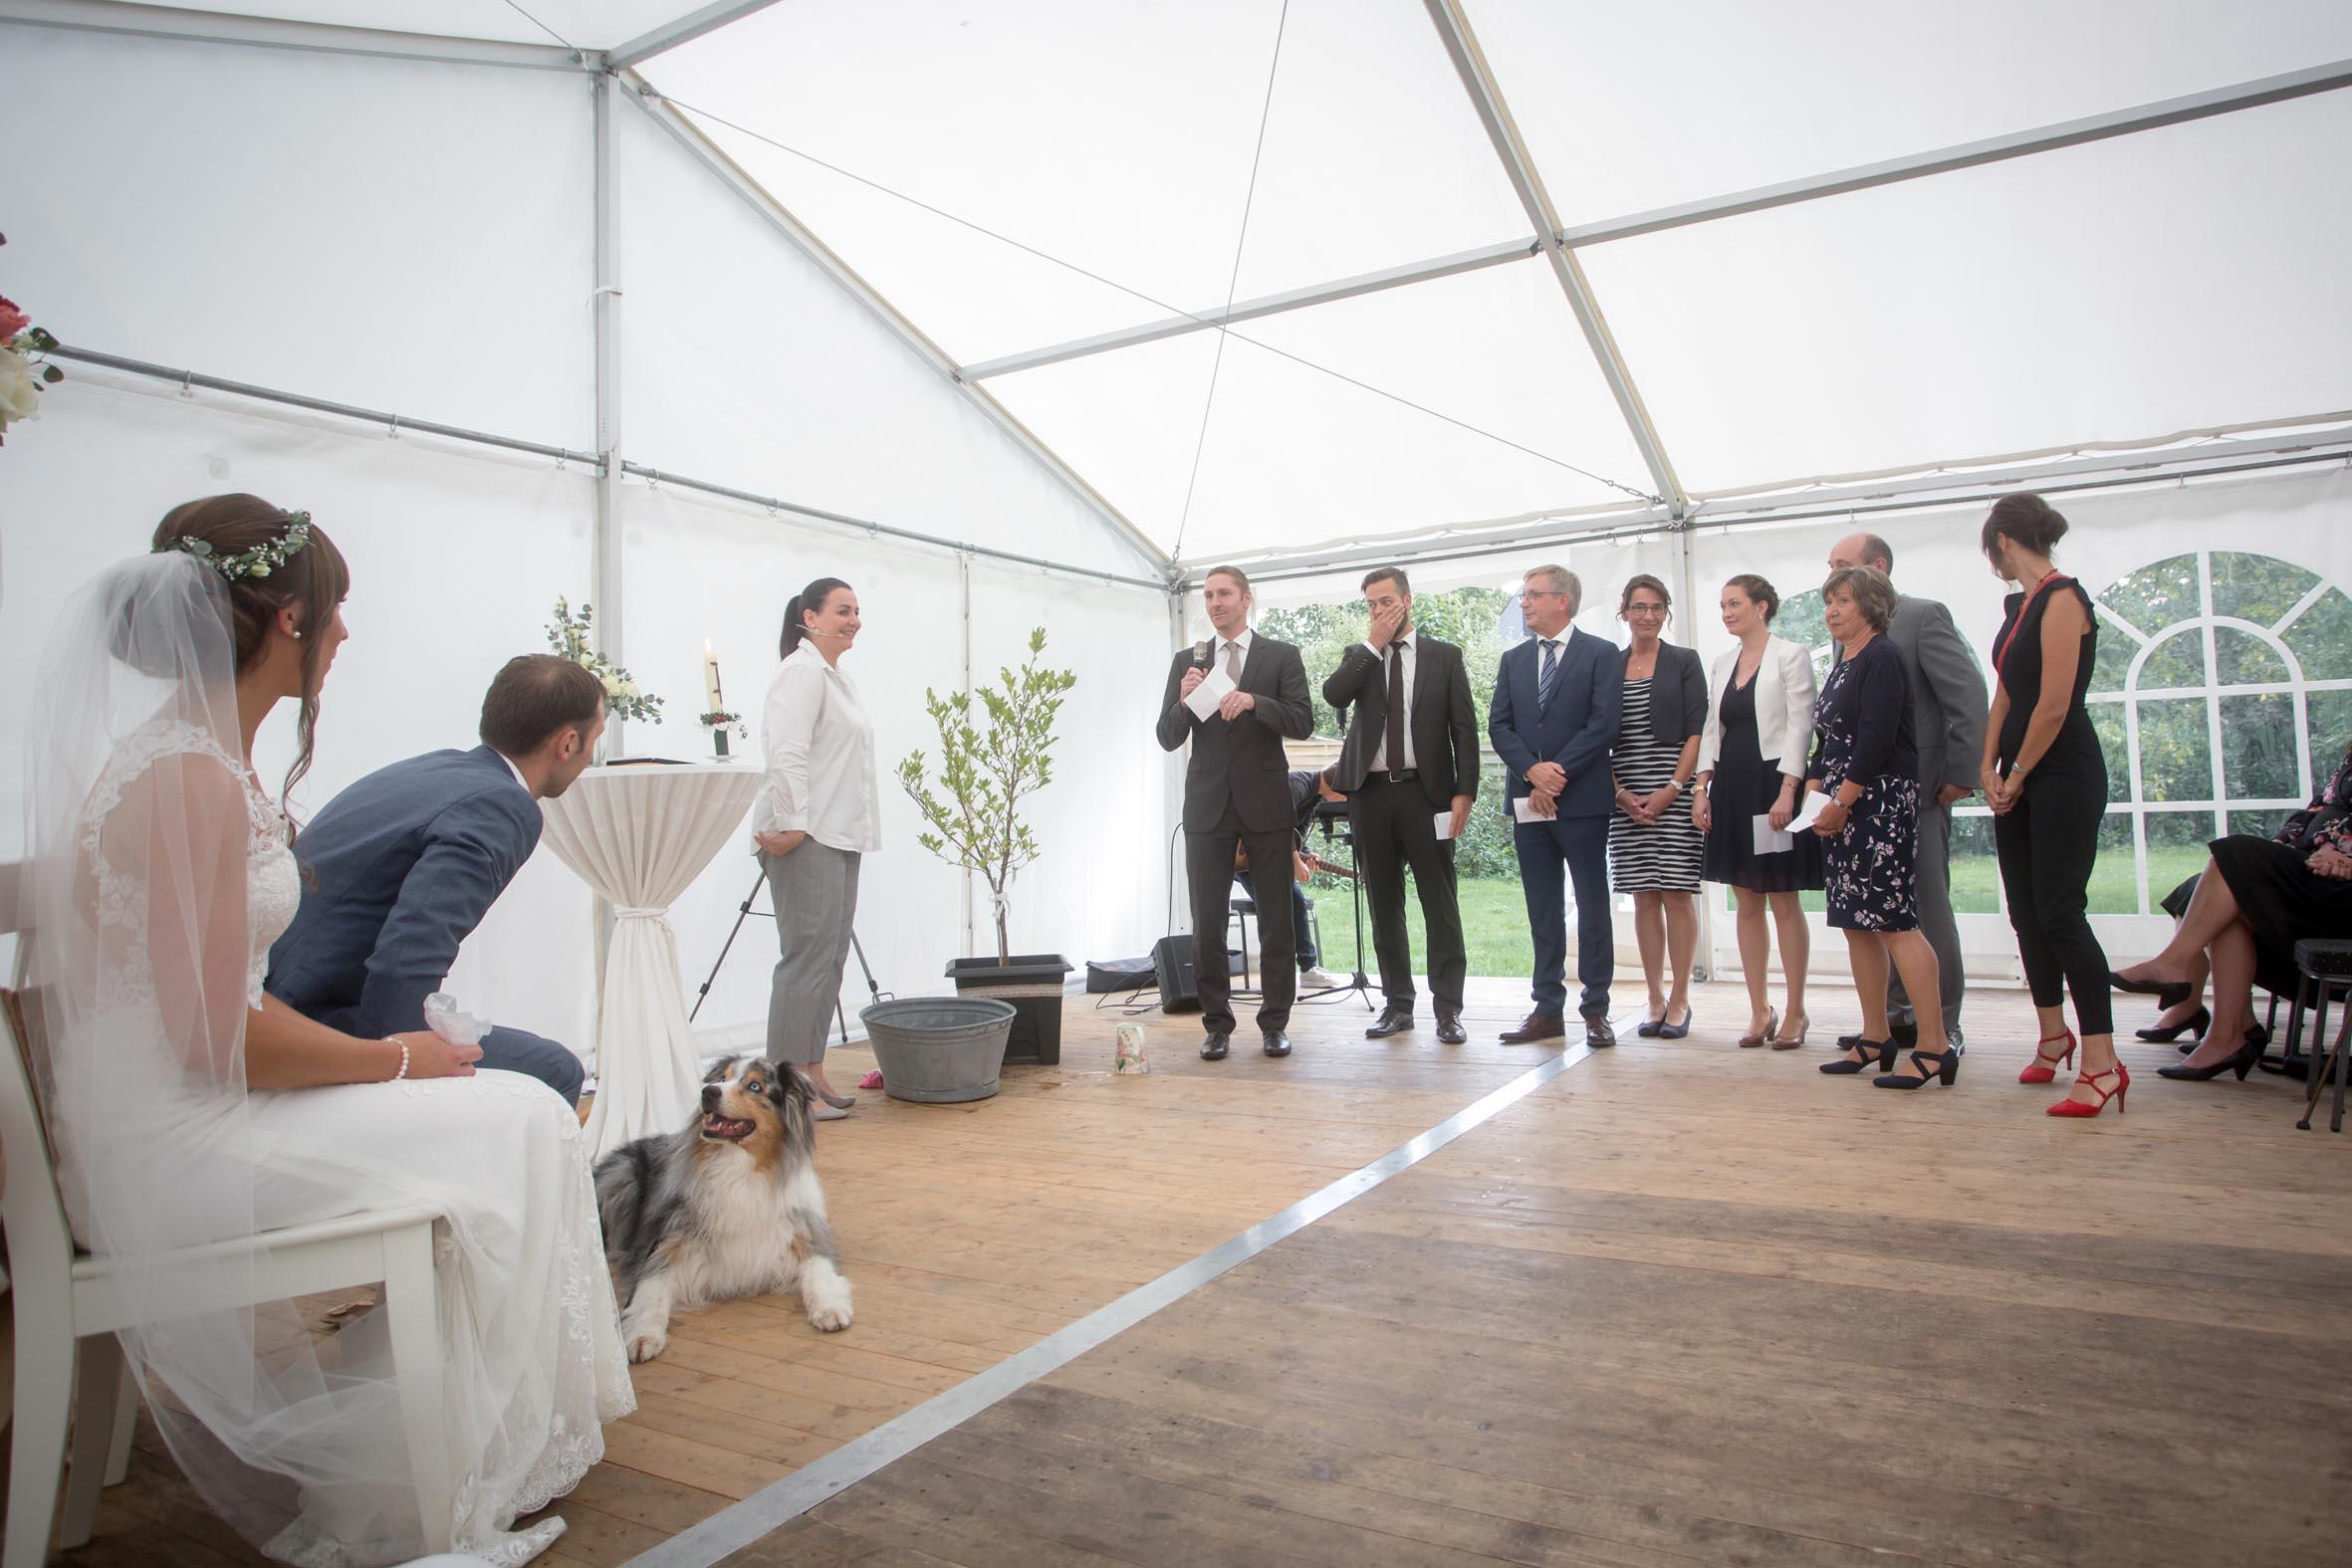 Hochzeitsrednerin Doreen Werding - Wünsche an das Brautpaar